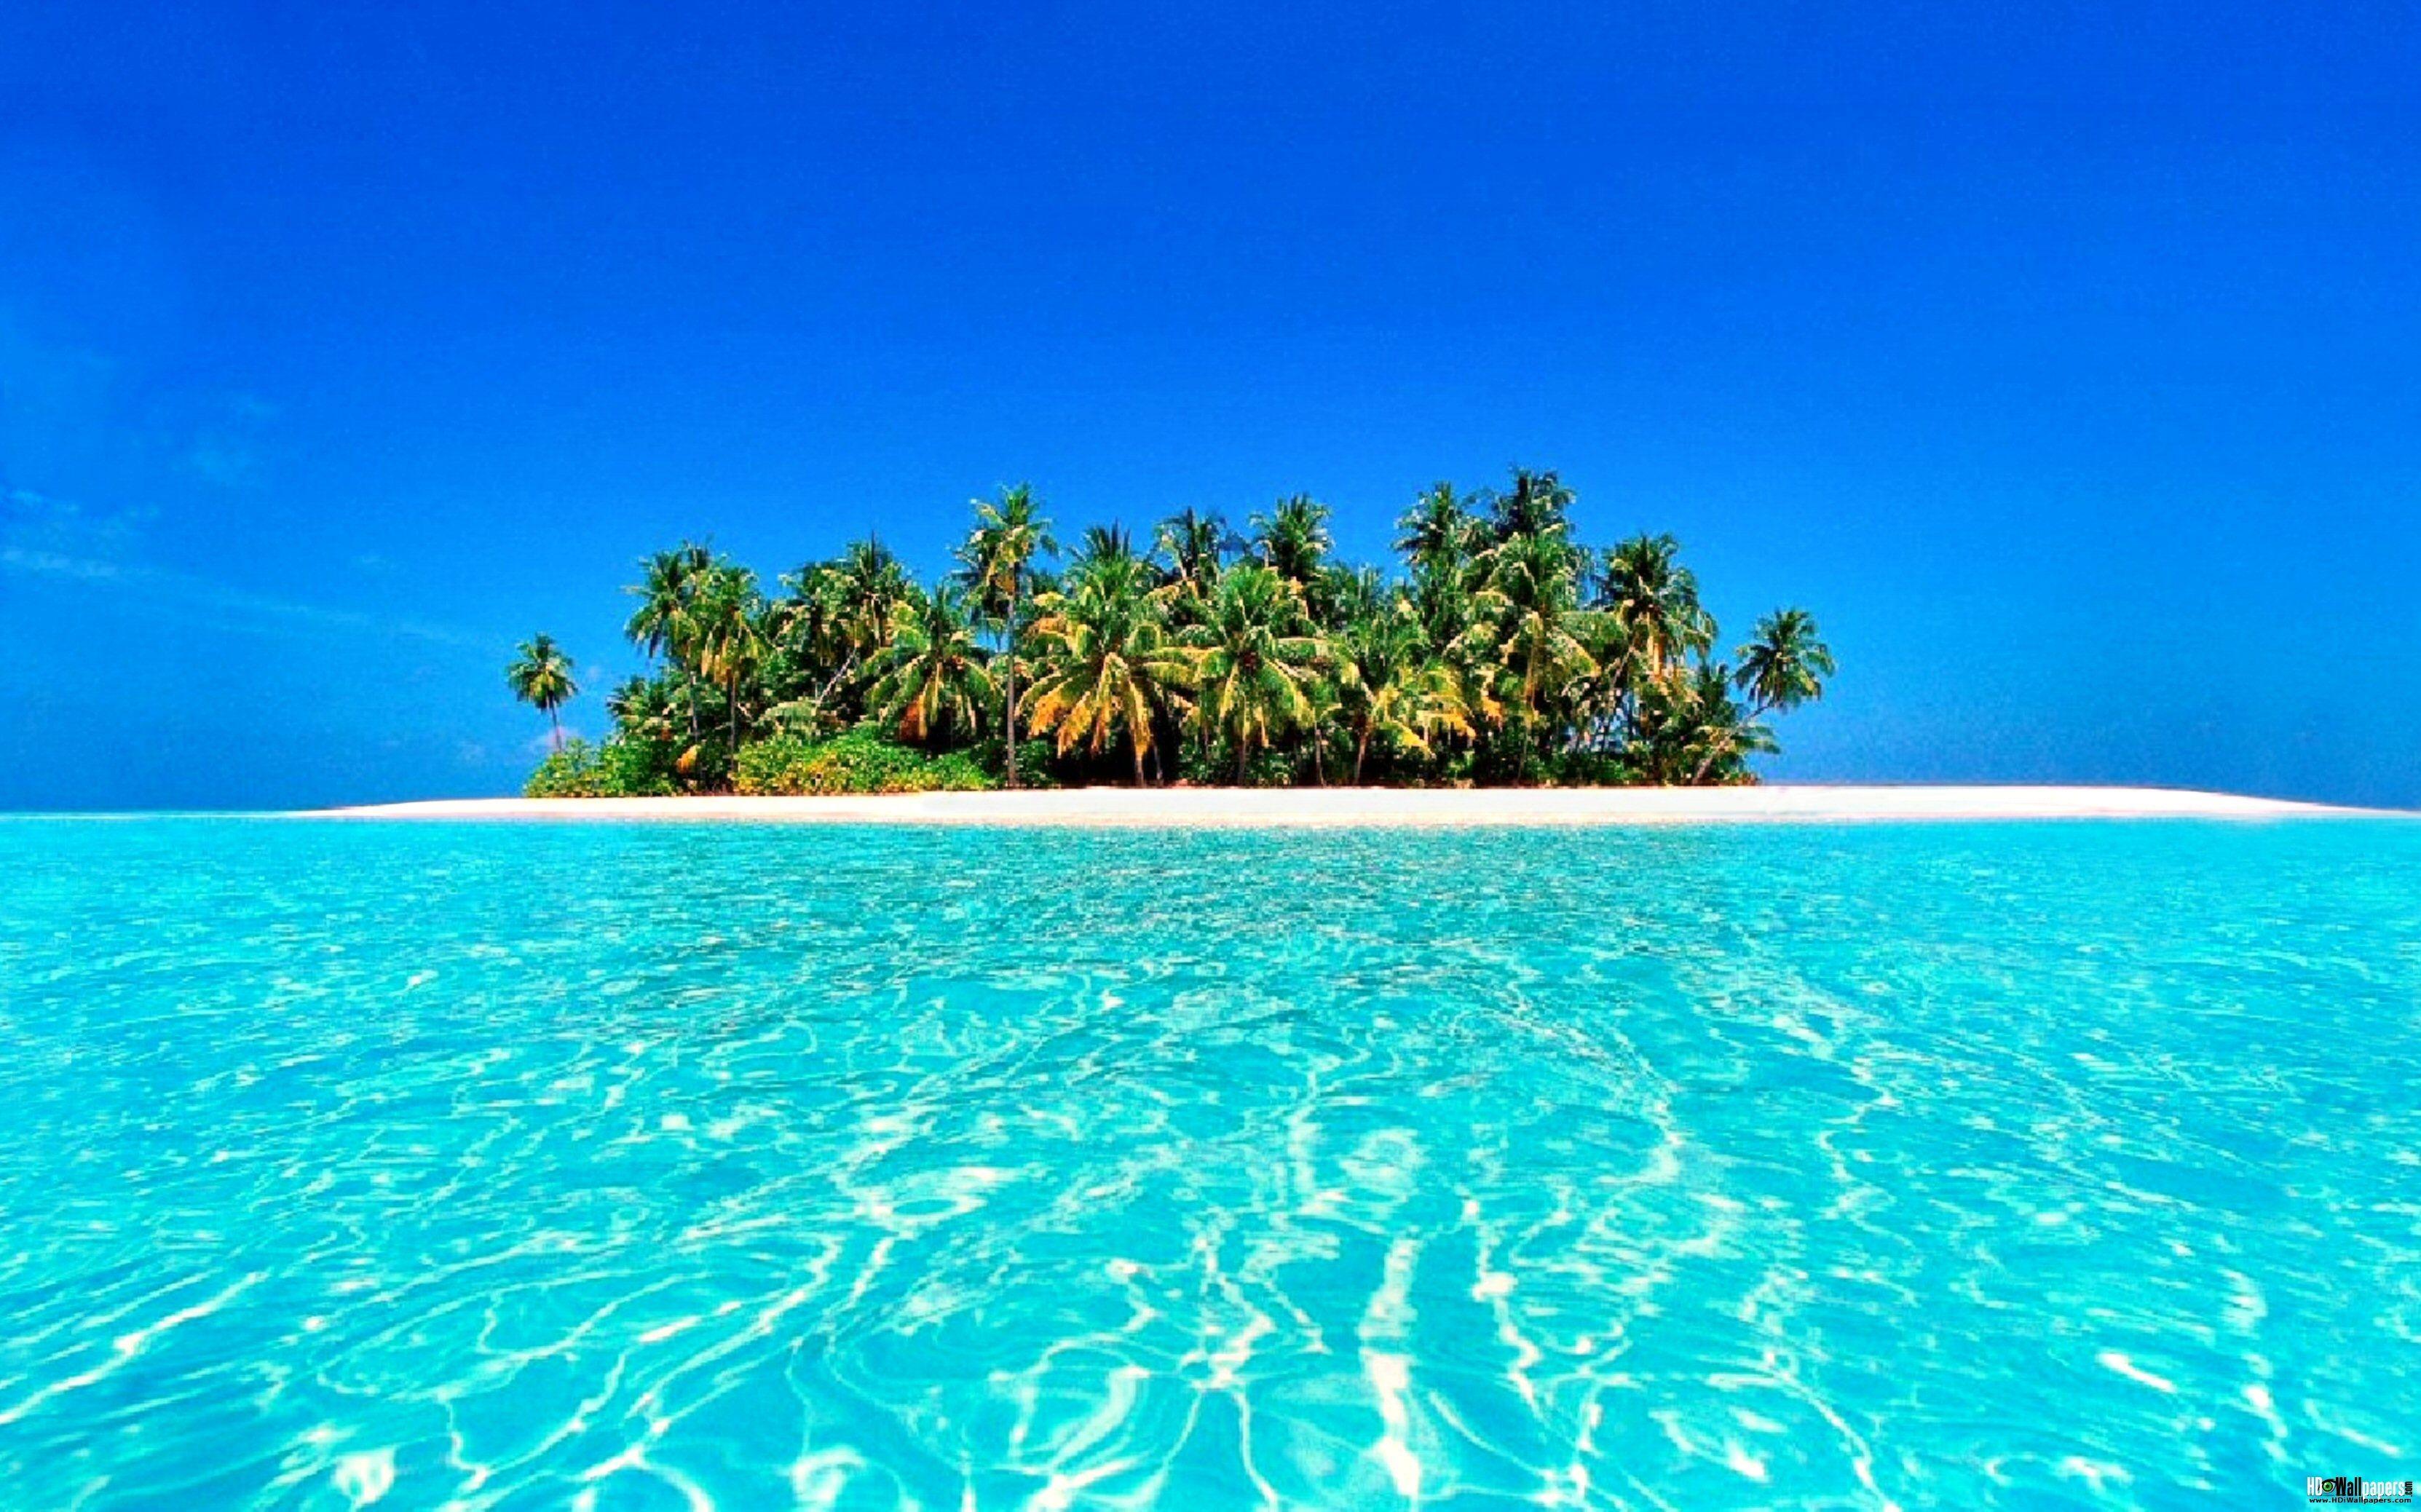 Đảo 3325x2077 Hình ảnh có độ phân giải cao - Nền đảo - 3325x2077 - Tải xuống Hình nền HD